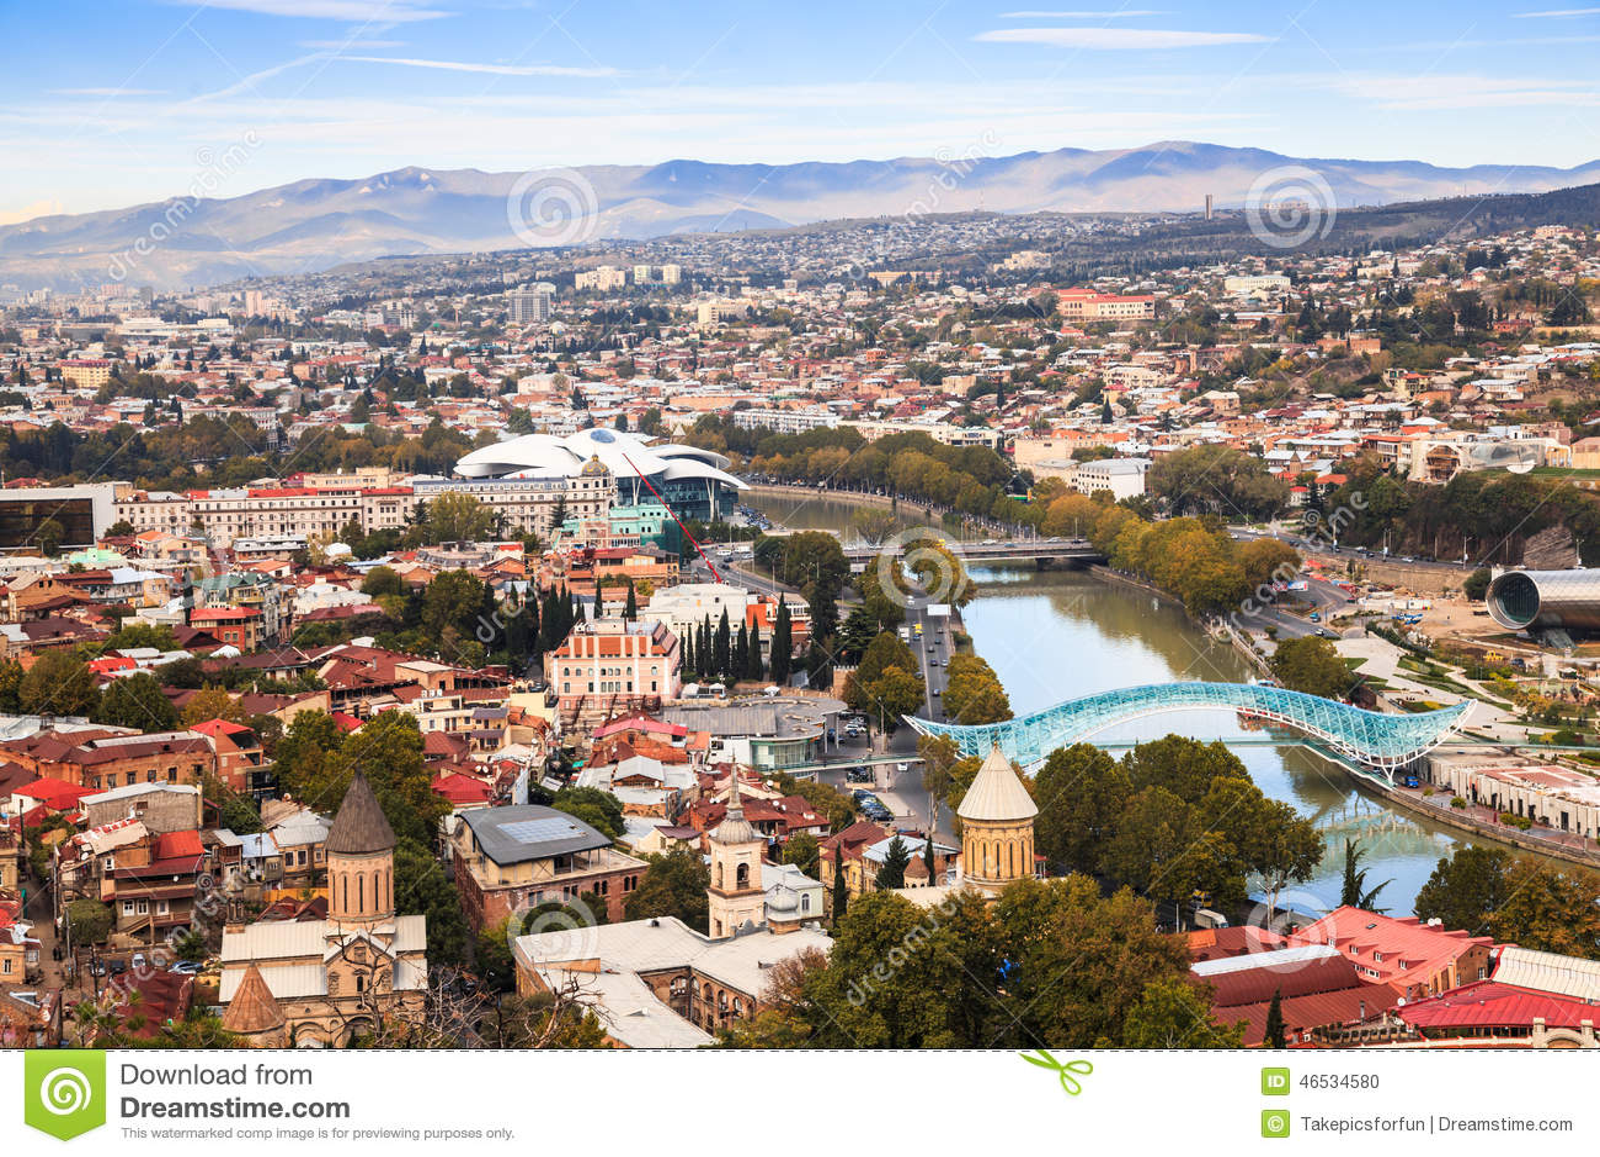 Tbilisi Tskneti Mountain Villa Tbilisi City Georgia: Tbilisi Skyline Stock Photo. Image Of Tbilisi, Mountain